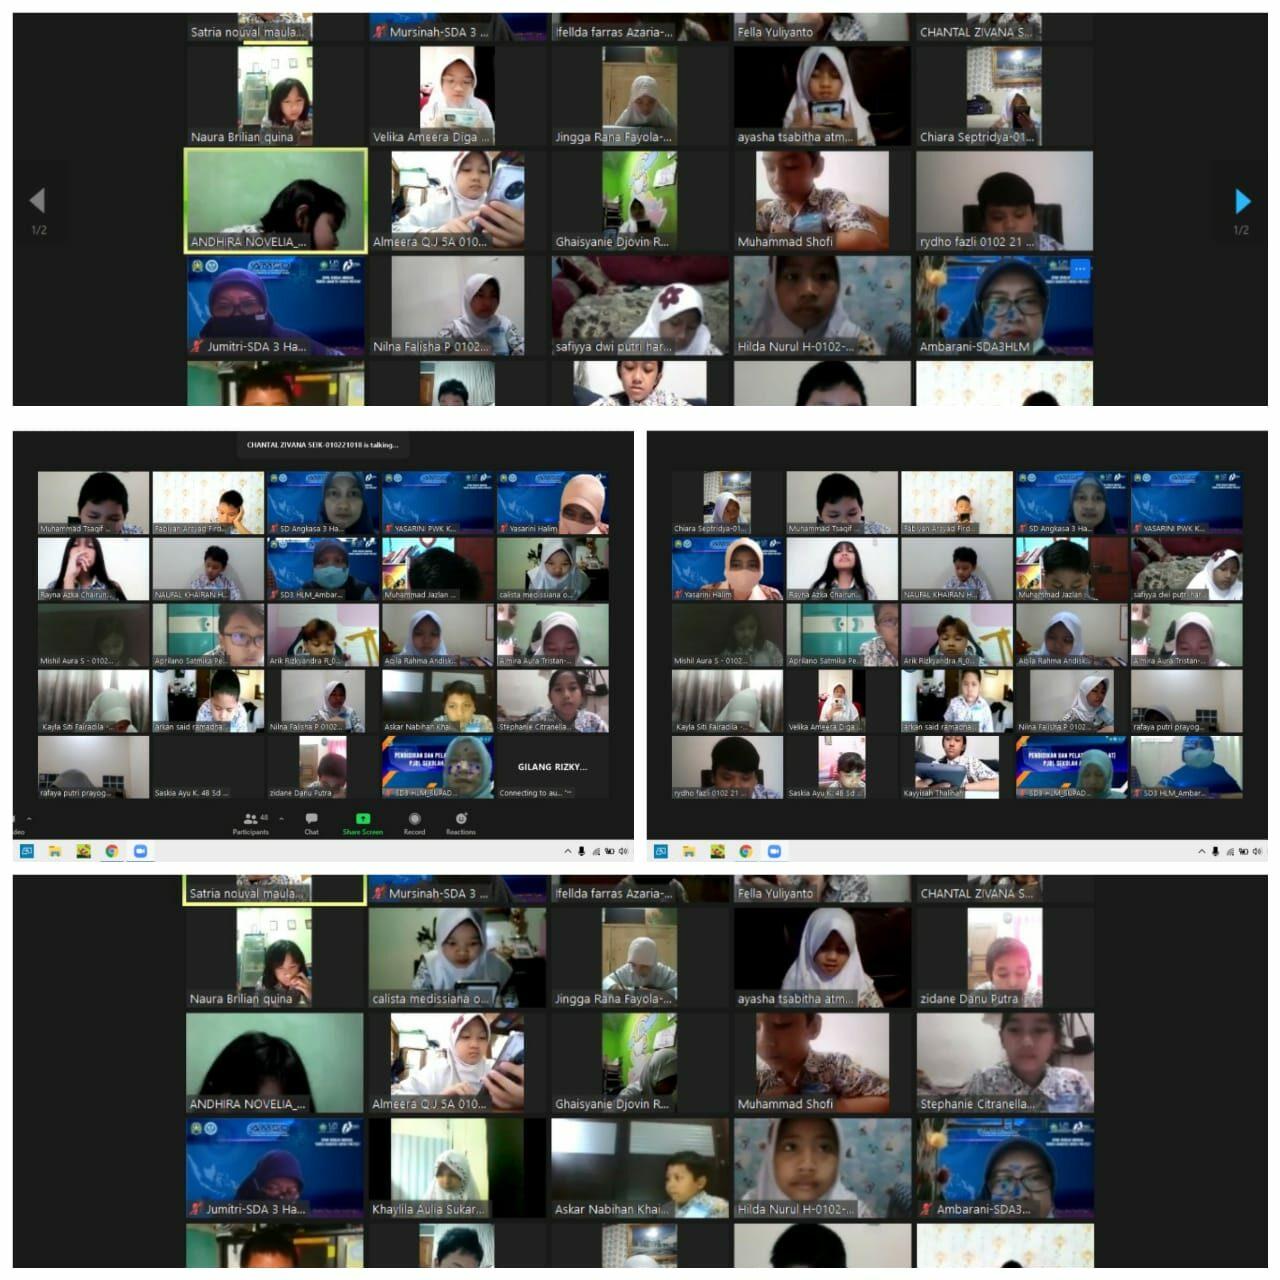 Meski Secara Online, Ribuan Murid Sekolah Angkasa Halim Tetap Semangat Ikuti AMSO 2020